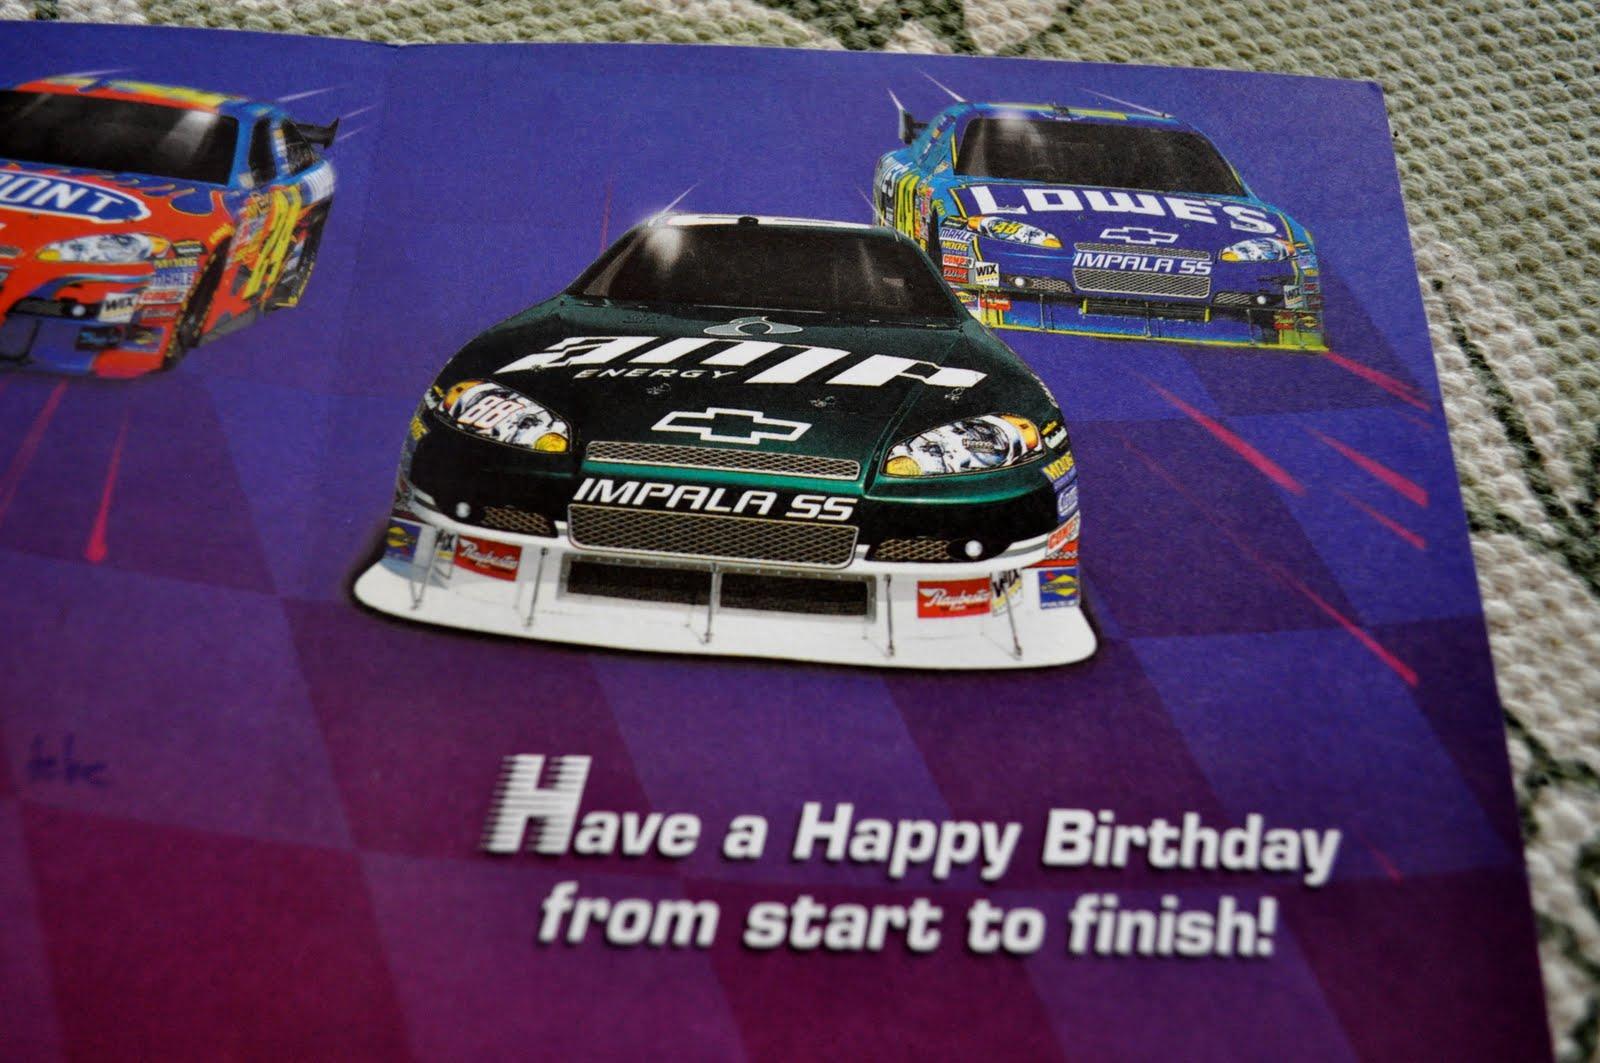 Nascar Race Happy Birthday Car Pictures Car Canyon – Nascar Birthday Cards